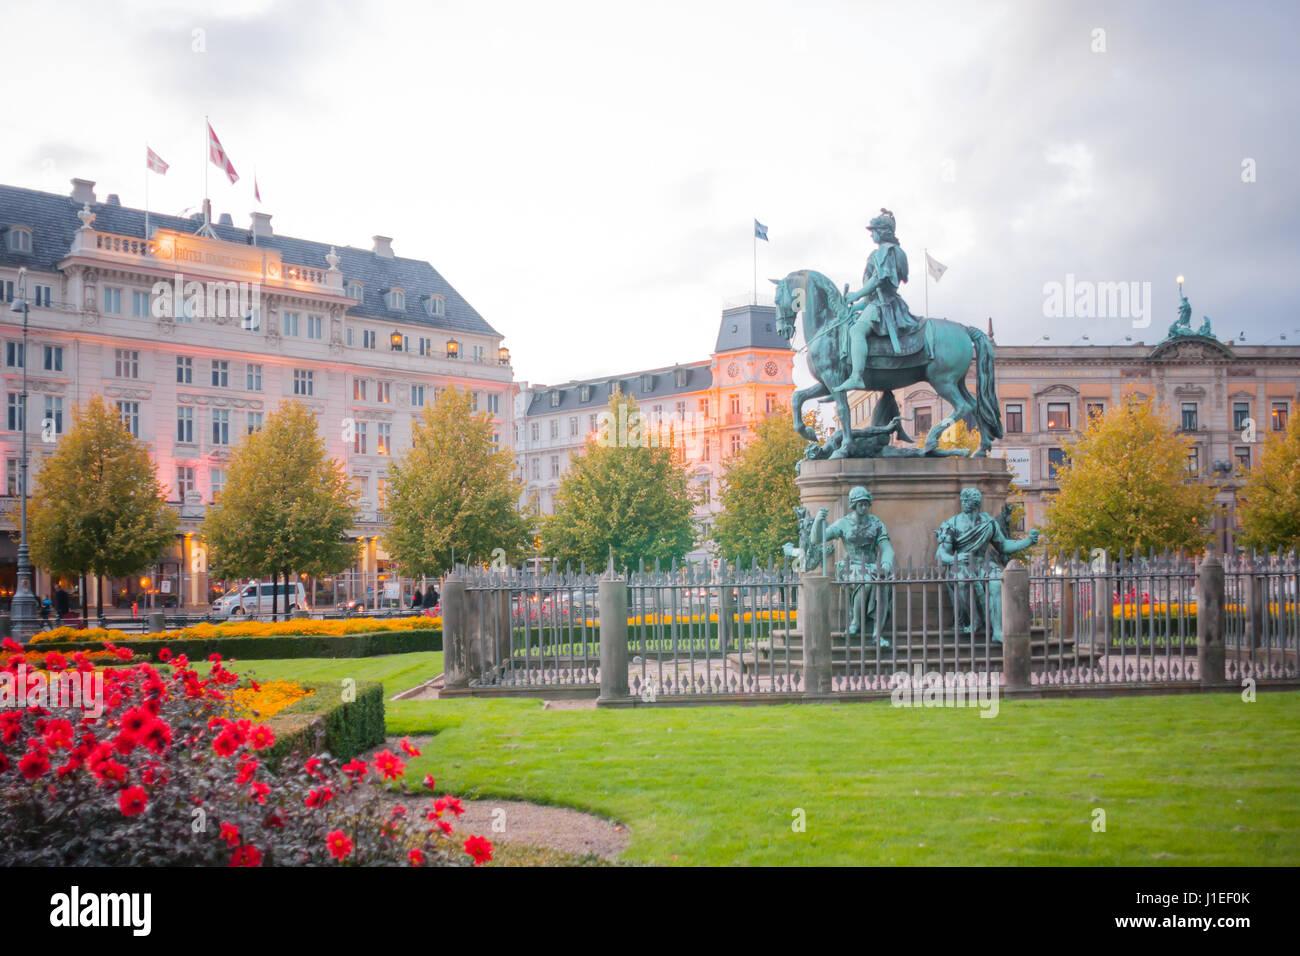 COPENHAGEN, DENMARK - OCTOBER 01, 2010: Scene of the Kongens Nytorv (The King's New Square) square, and the - Stock Image